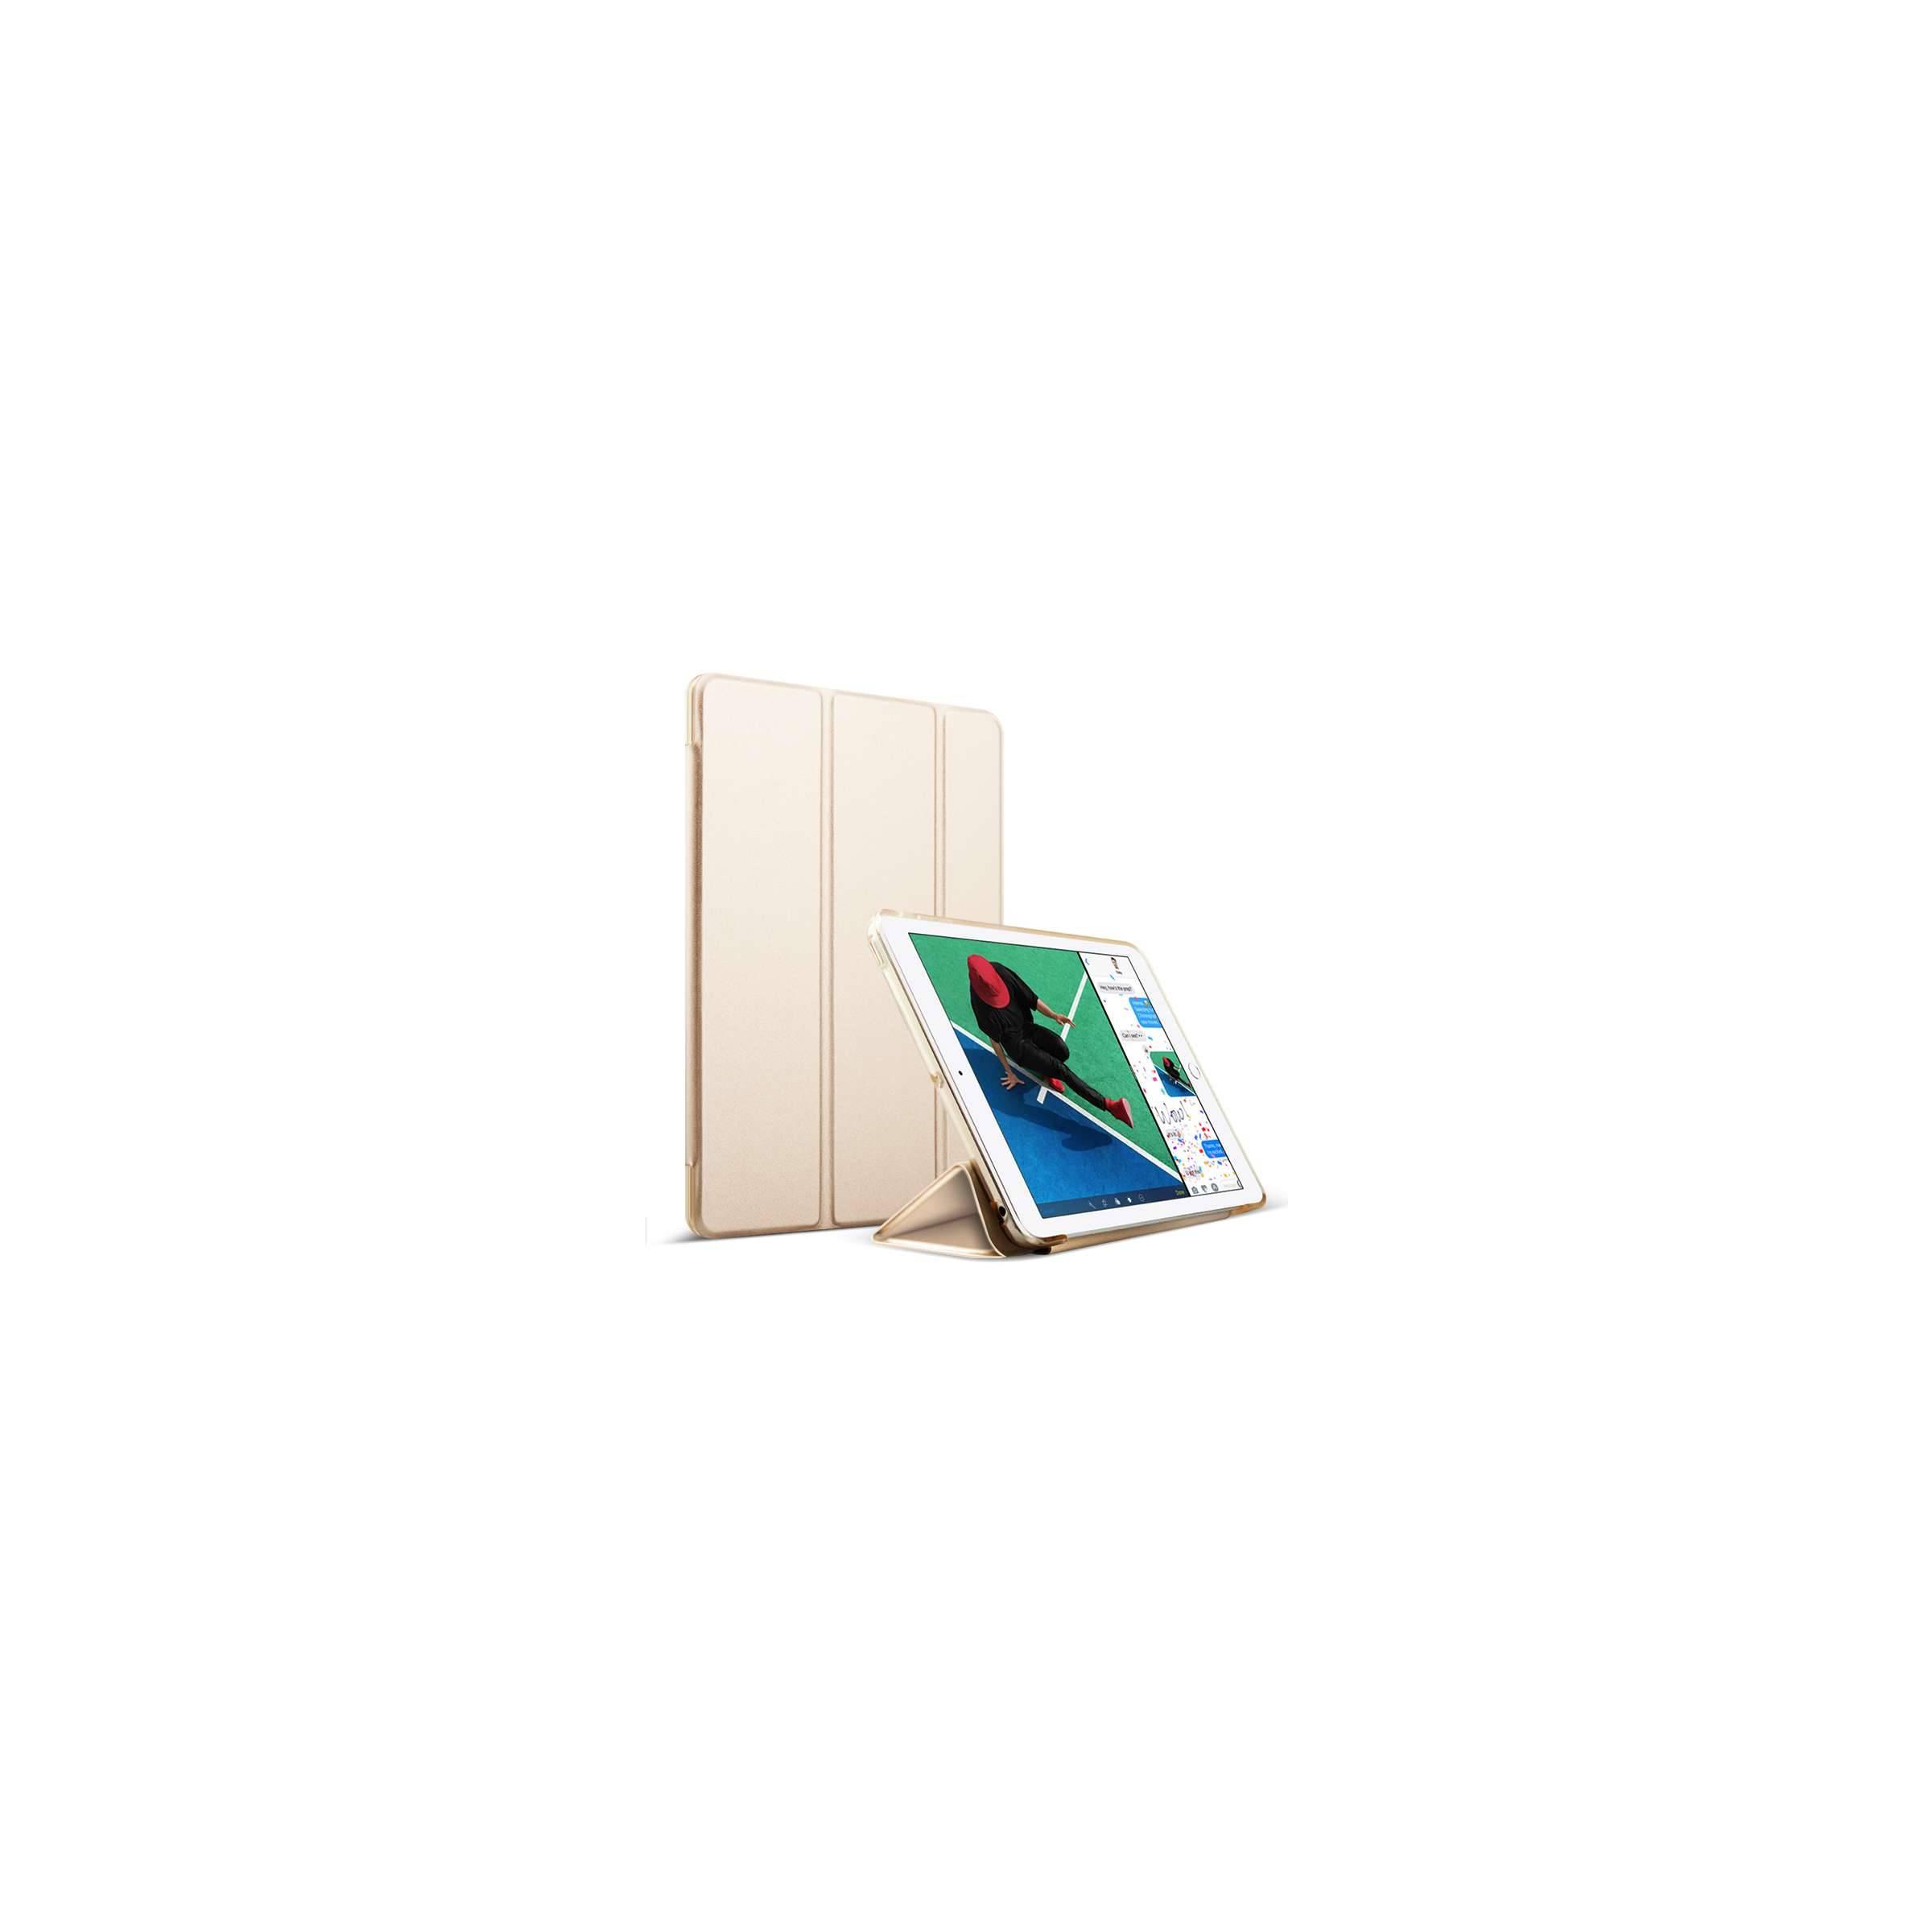 kina oem Ipad mini 5 silikone cover med bagside farve guld på mackabler.dk